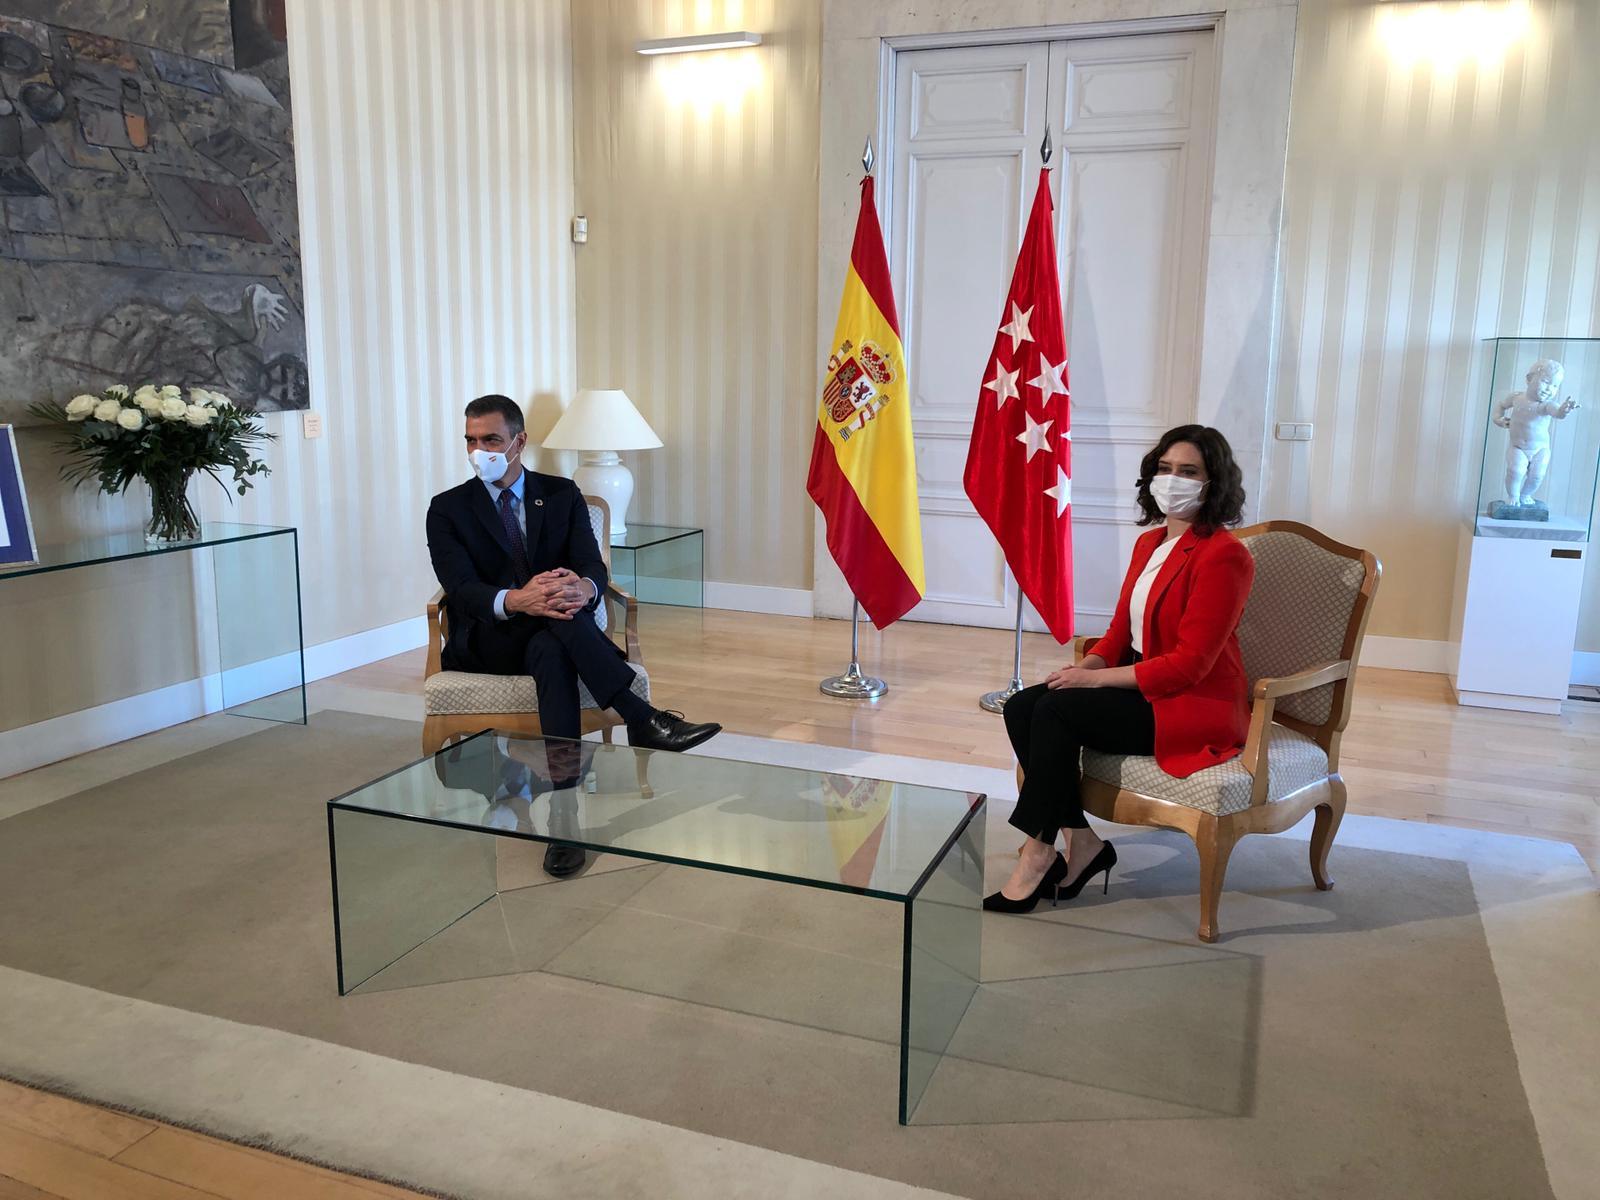 La reunión entre Sánchez y Díaz Ayuso parece anunciar alguna forma de tregua / Foto: Moncloa